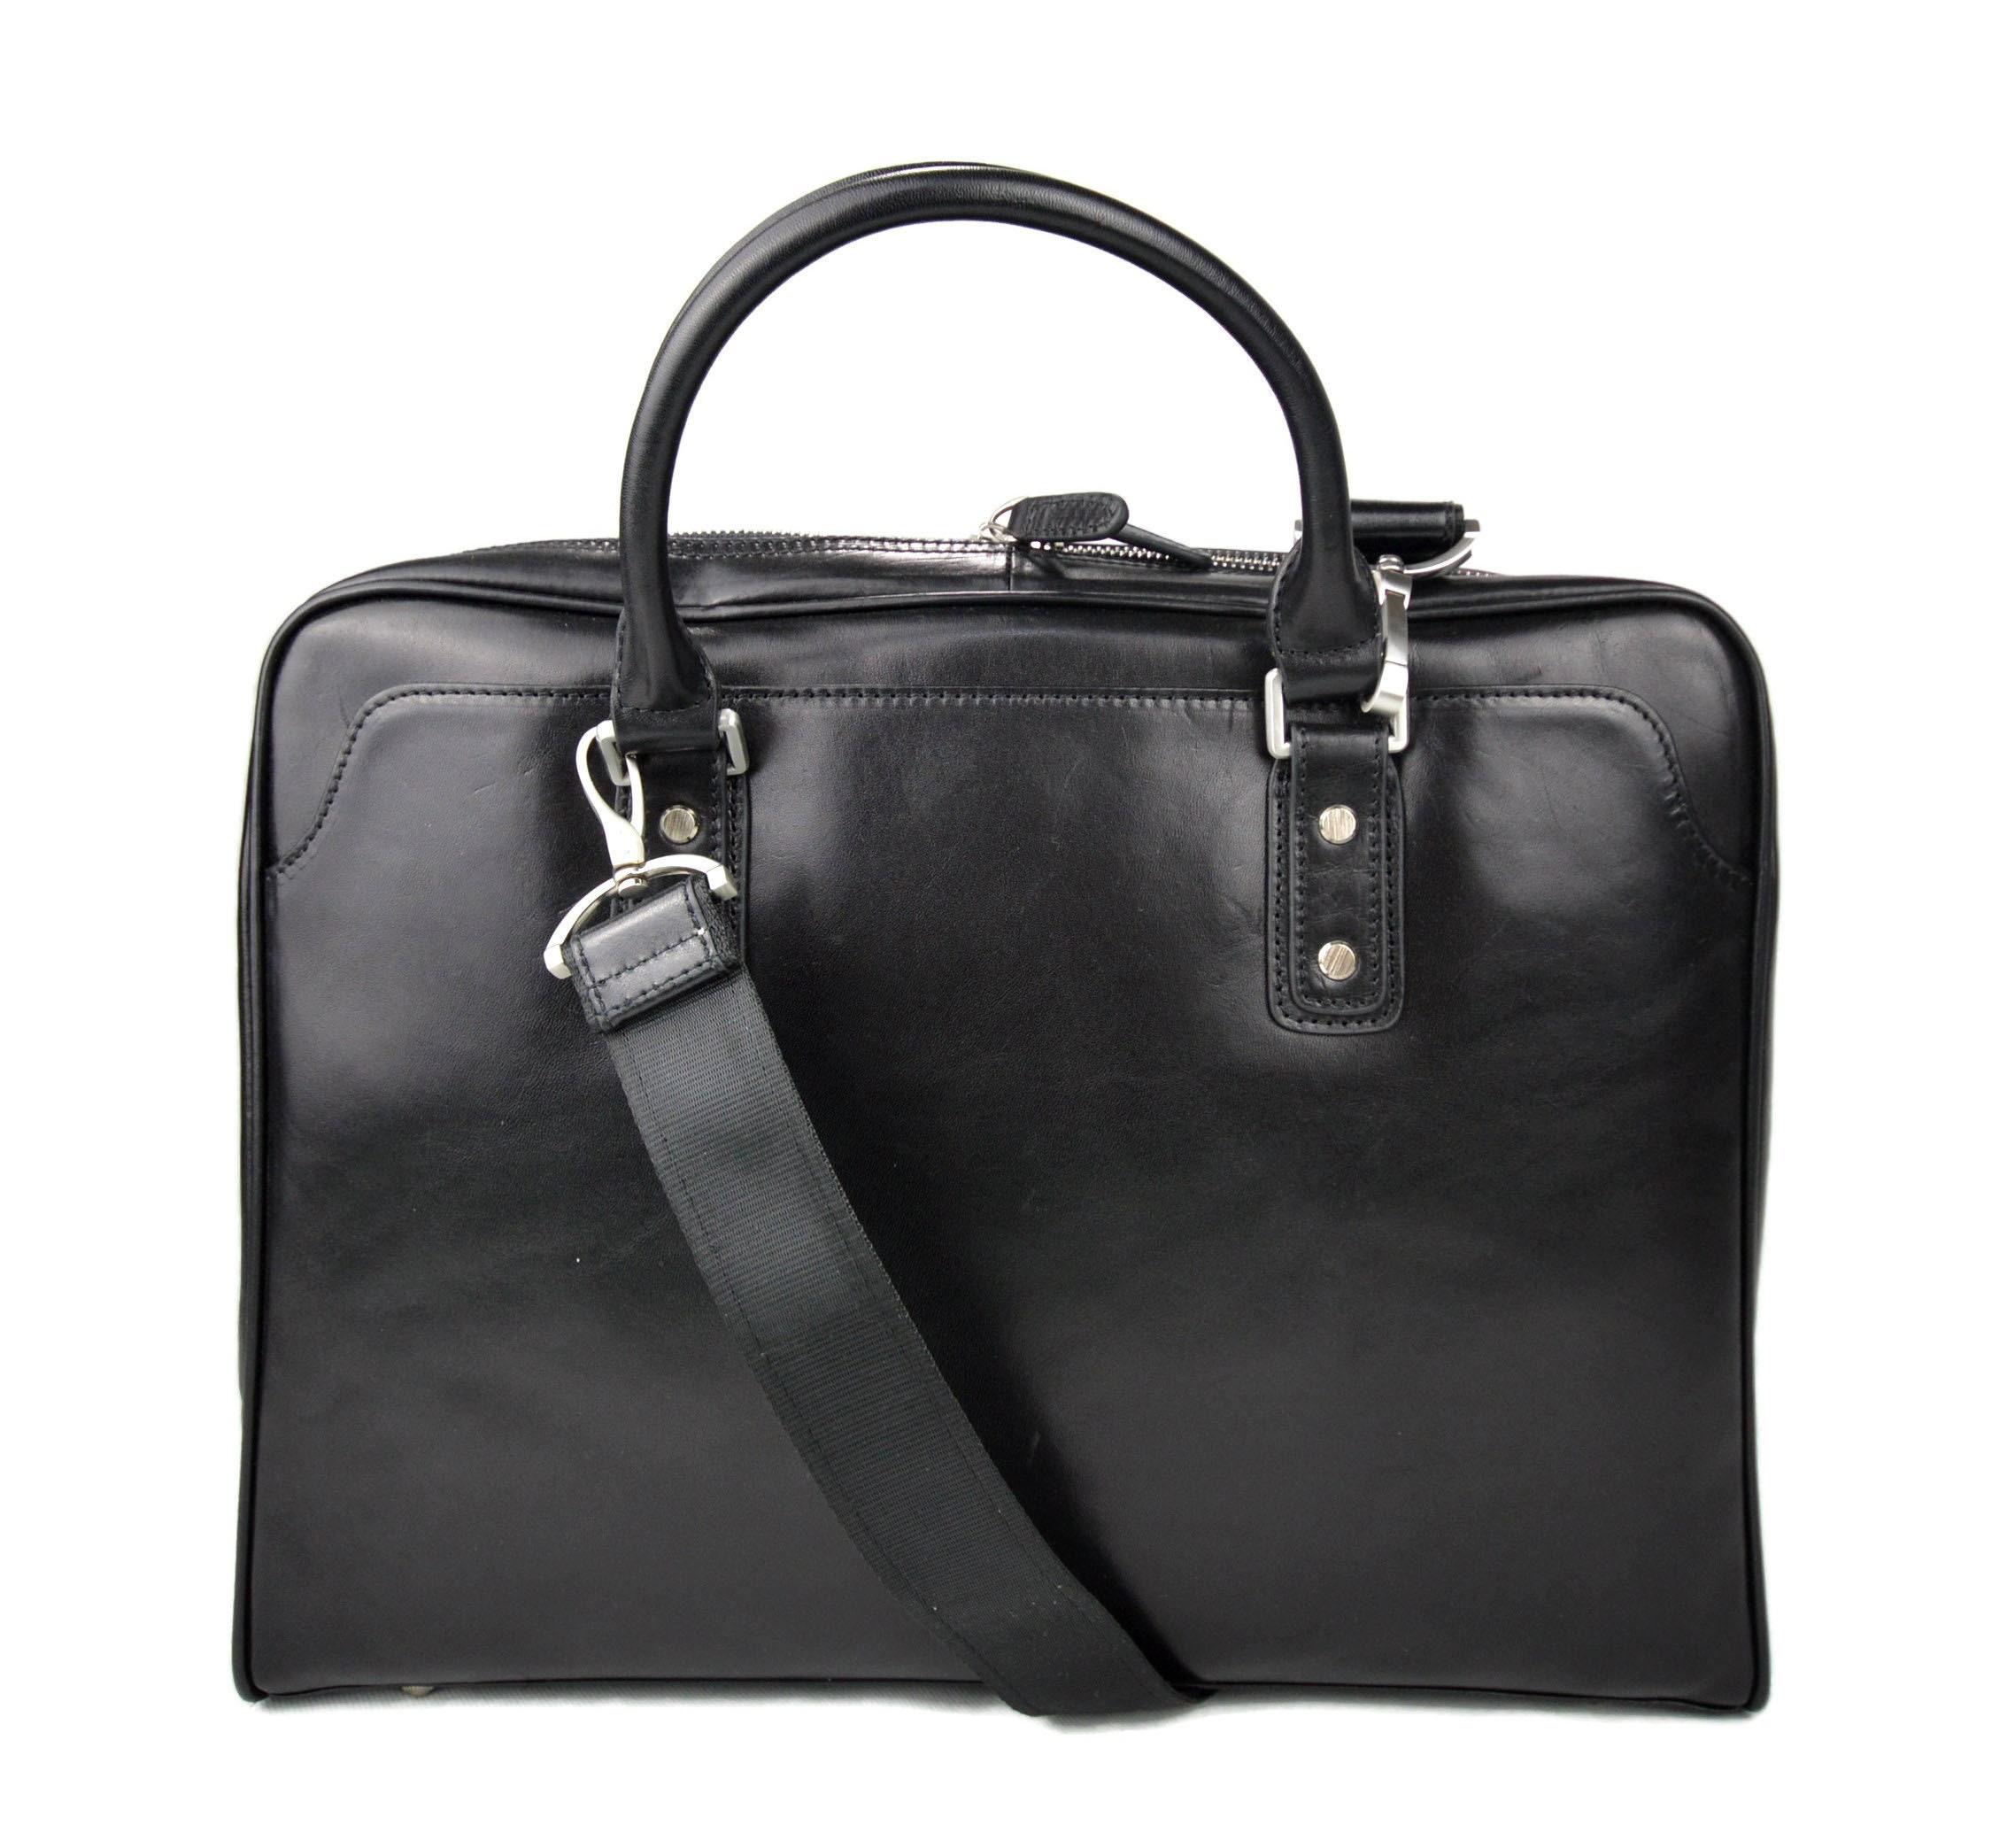 6f1e9f6650 Leather shoulder bag leather messenger bag ipad laptop black